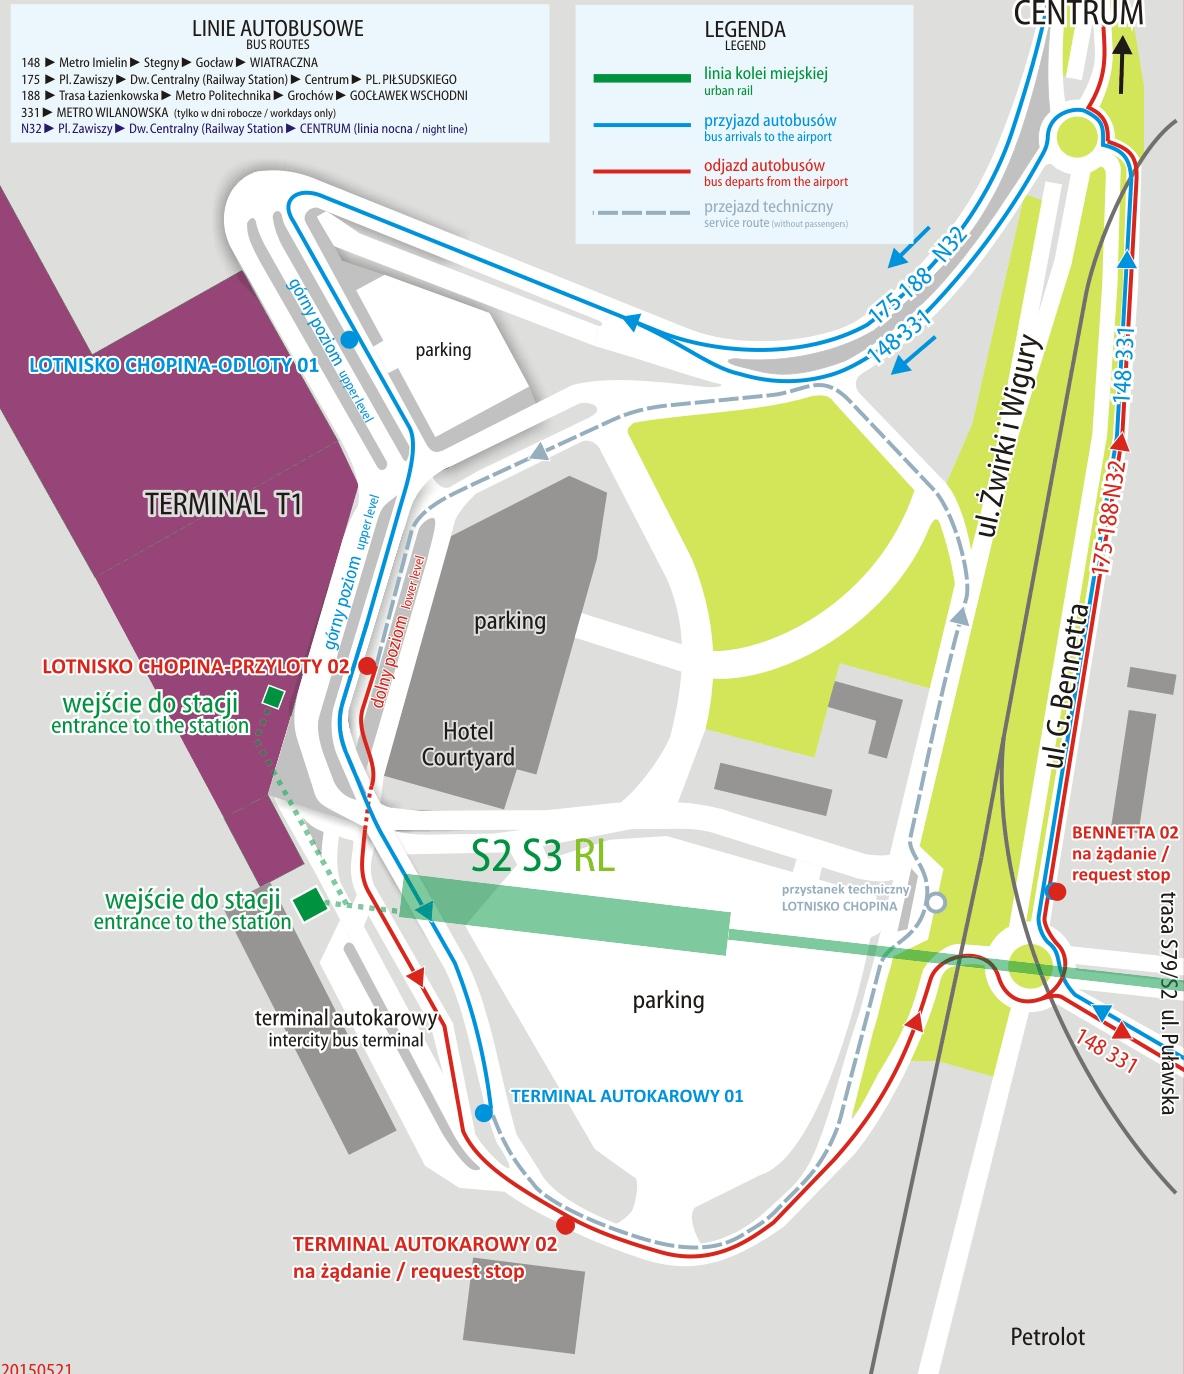 Расположение остановок общественного транспорта в аэропорту Шопена